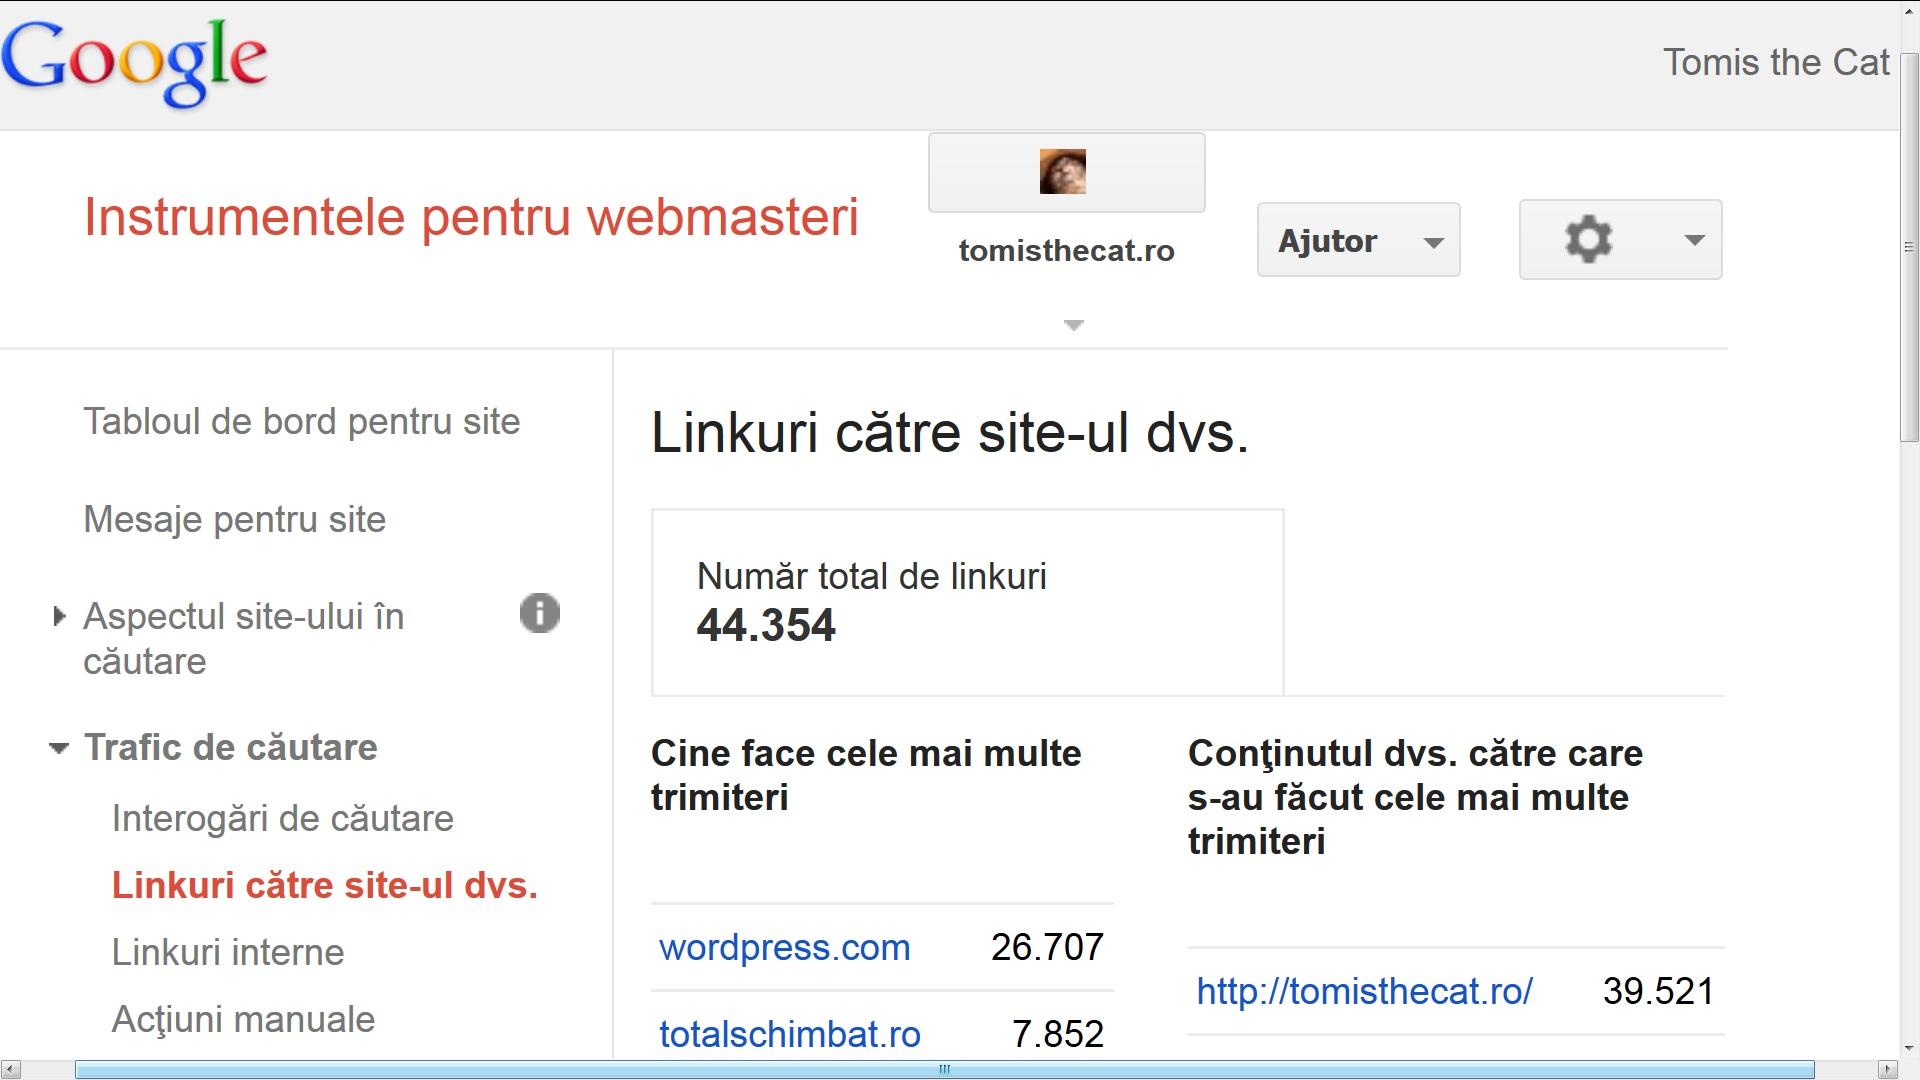 44354 linkuri catre blogul tomisthecat.ro astazi 9 decembrie 2013